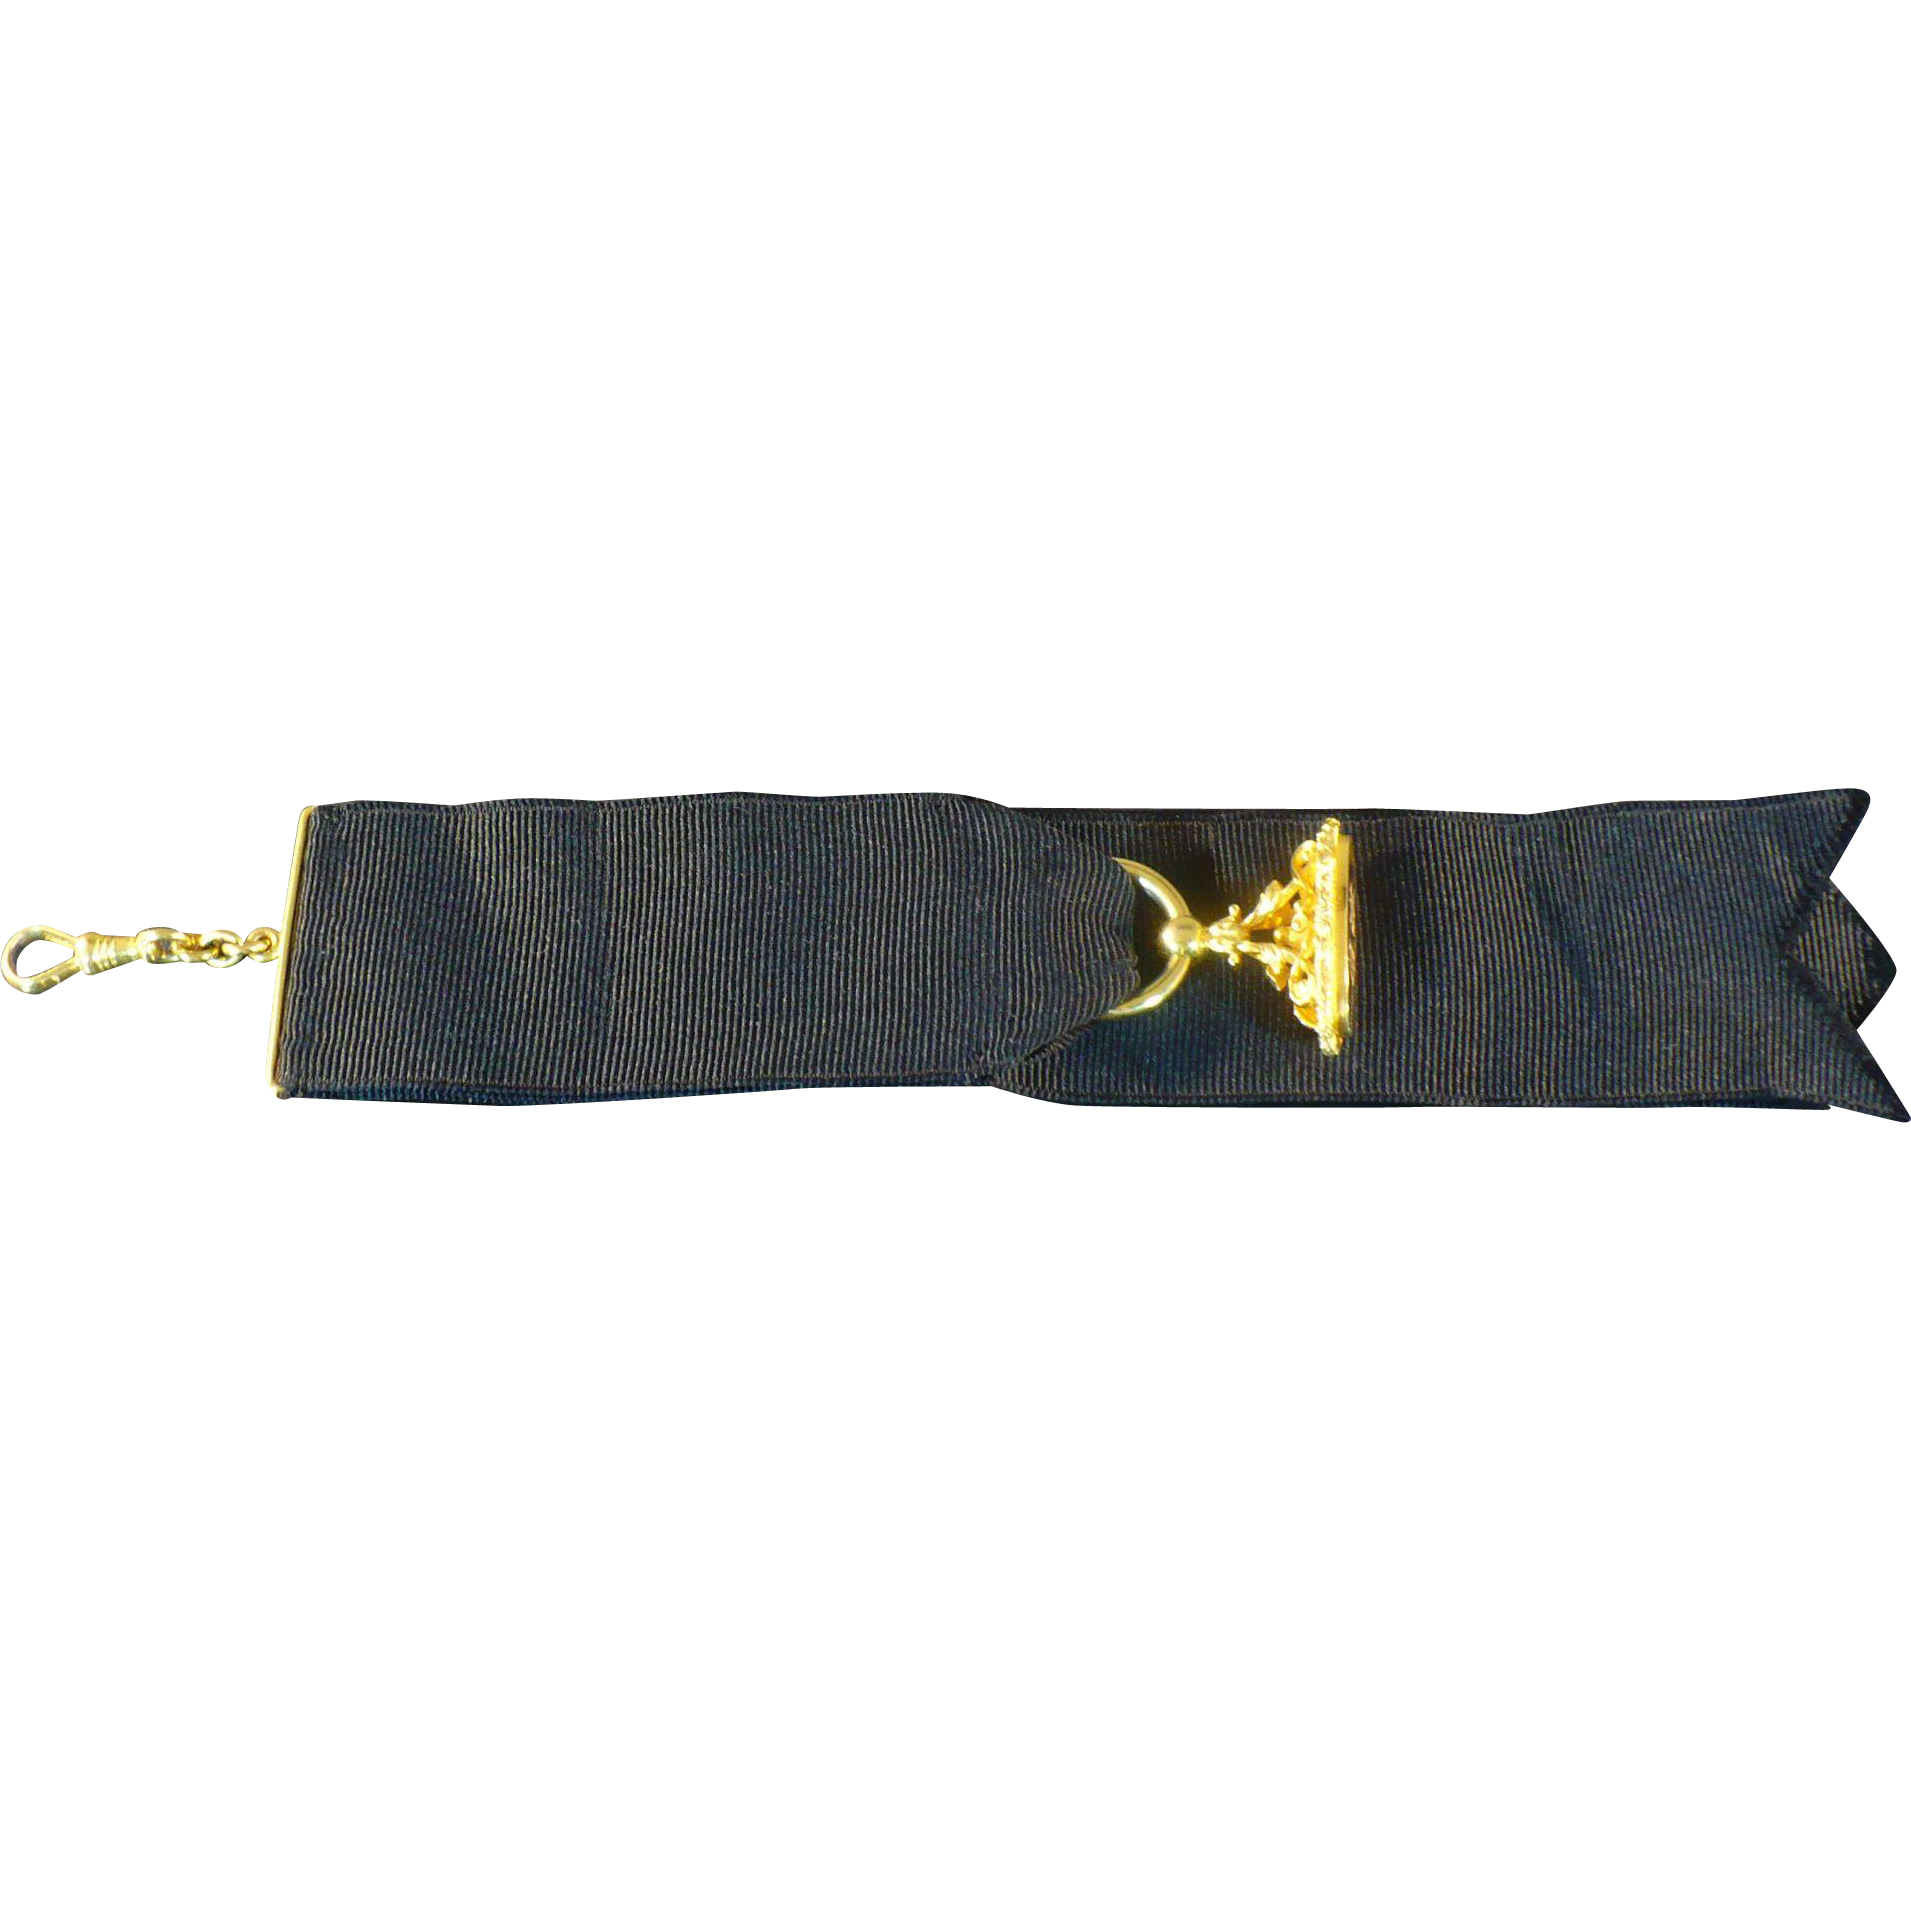 Vintage 14 Karat Gold watch fob on mourning ribbon